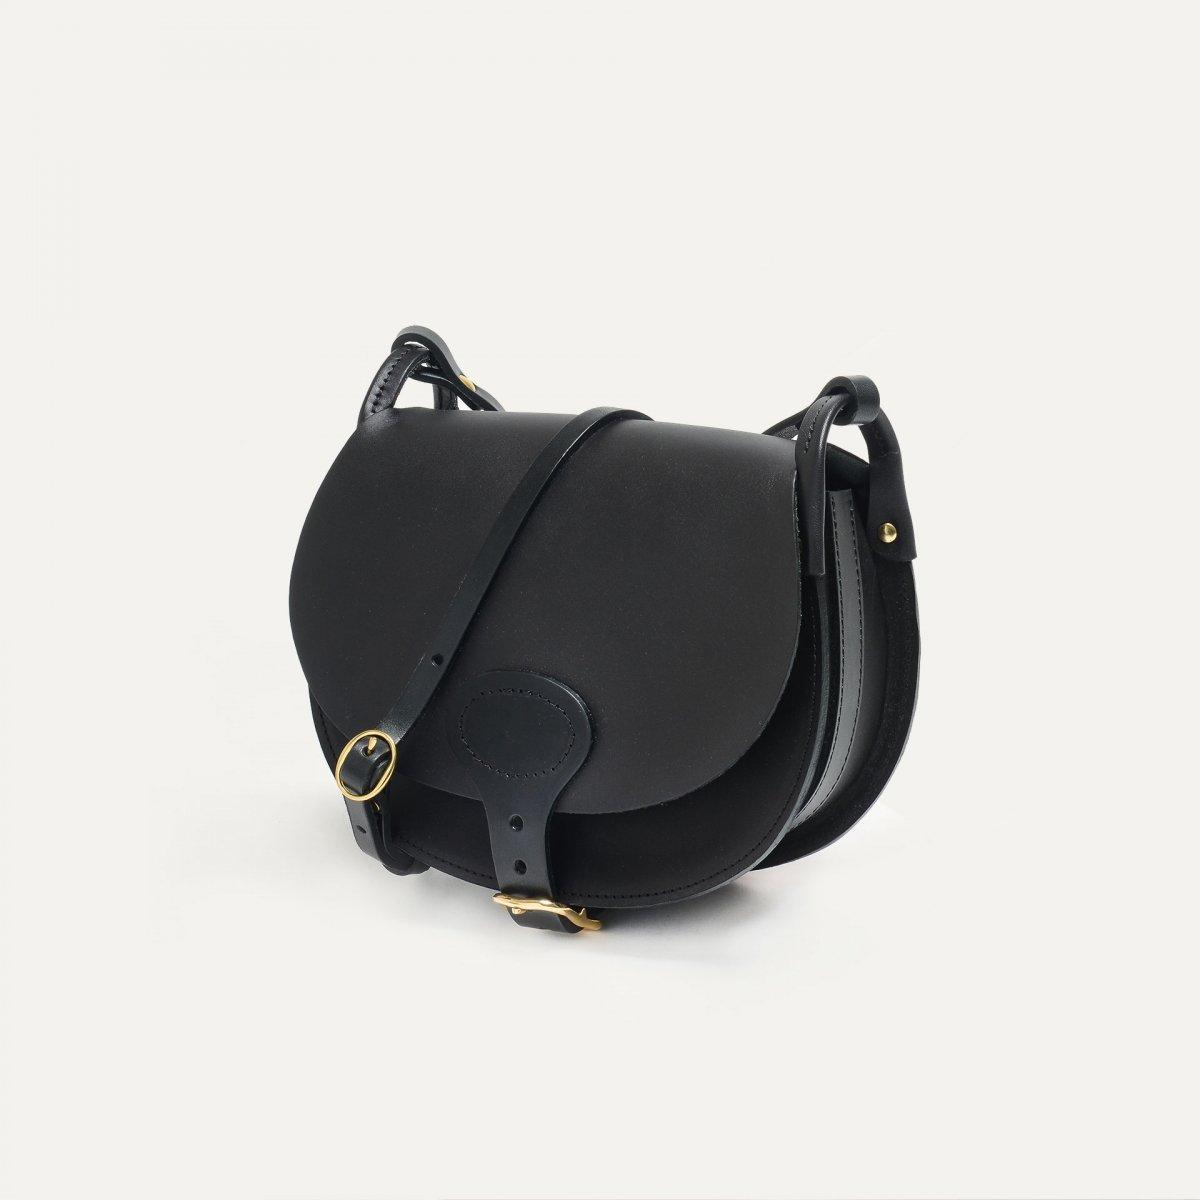 Diane M Gibecière bag - Black (image n°2)